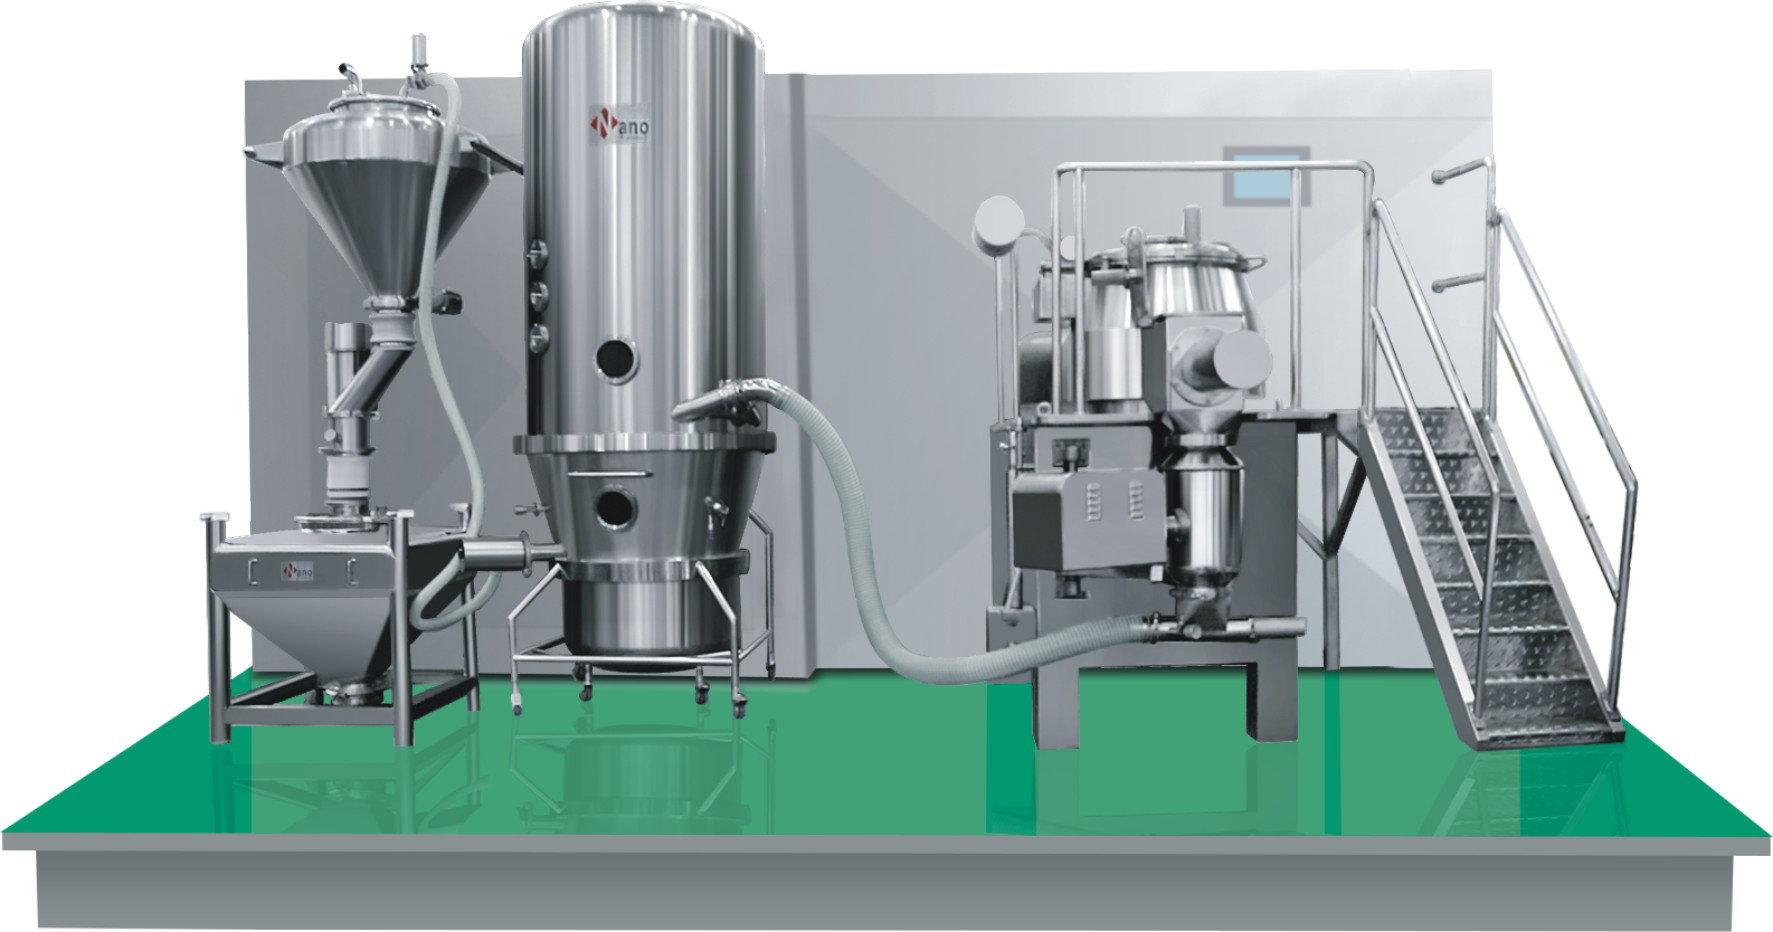 实验室流化床干燥机_CCS高密闭实验室湿法制粒机,流化床沸腾干燥机-制粒混合干燥设备 ...